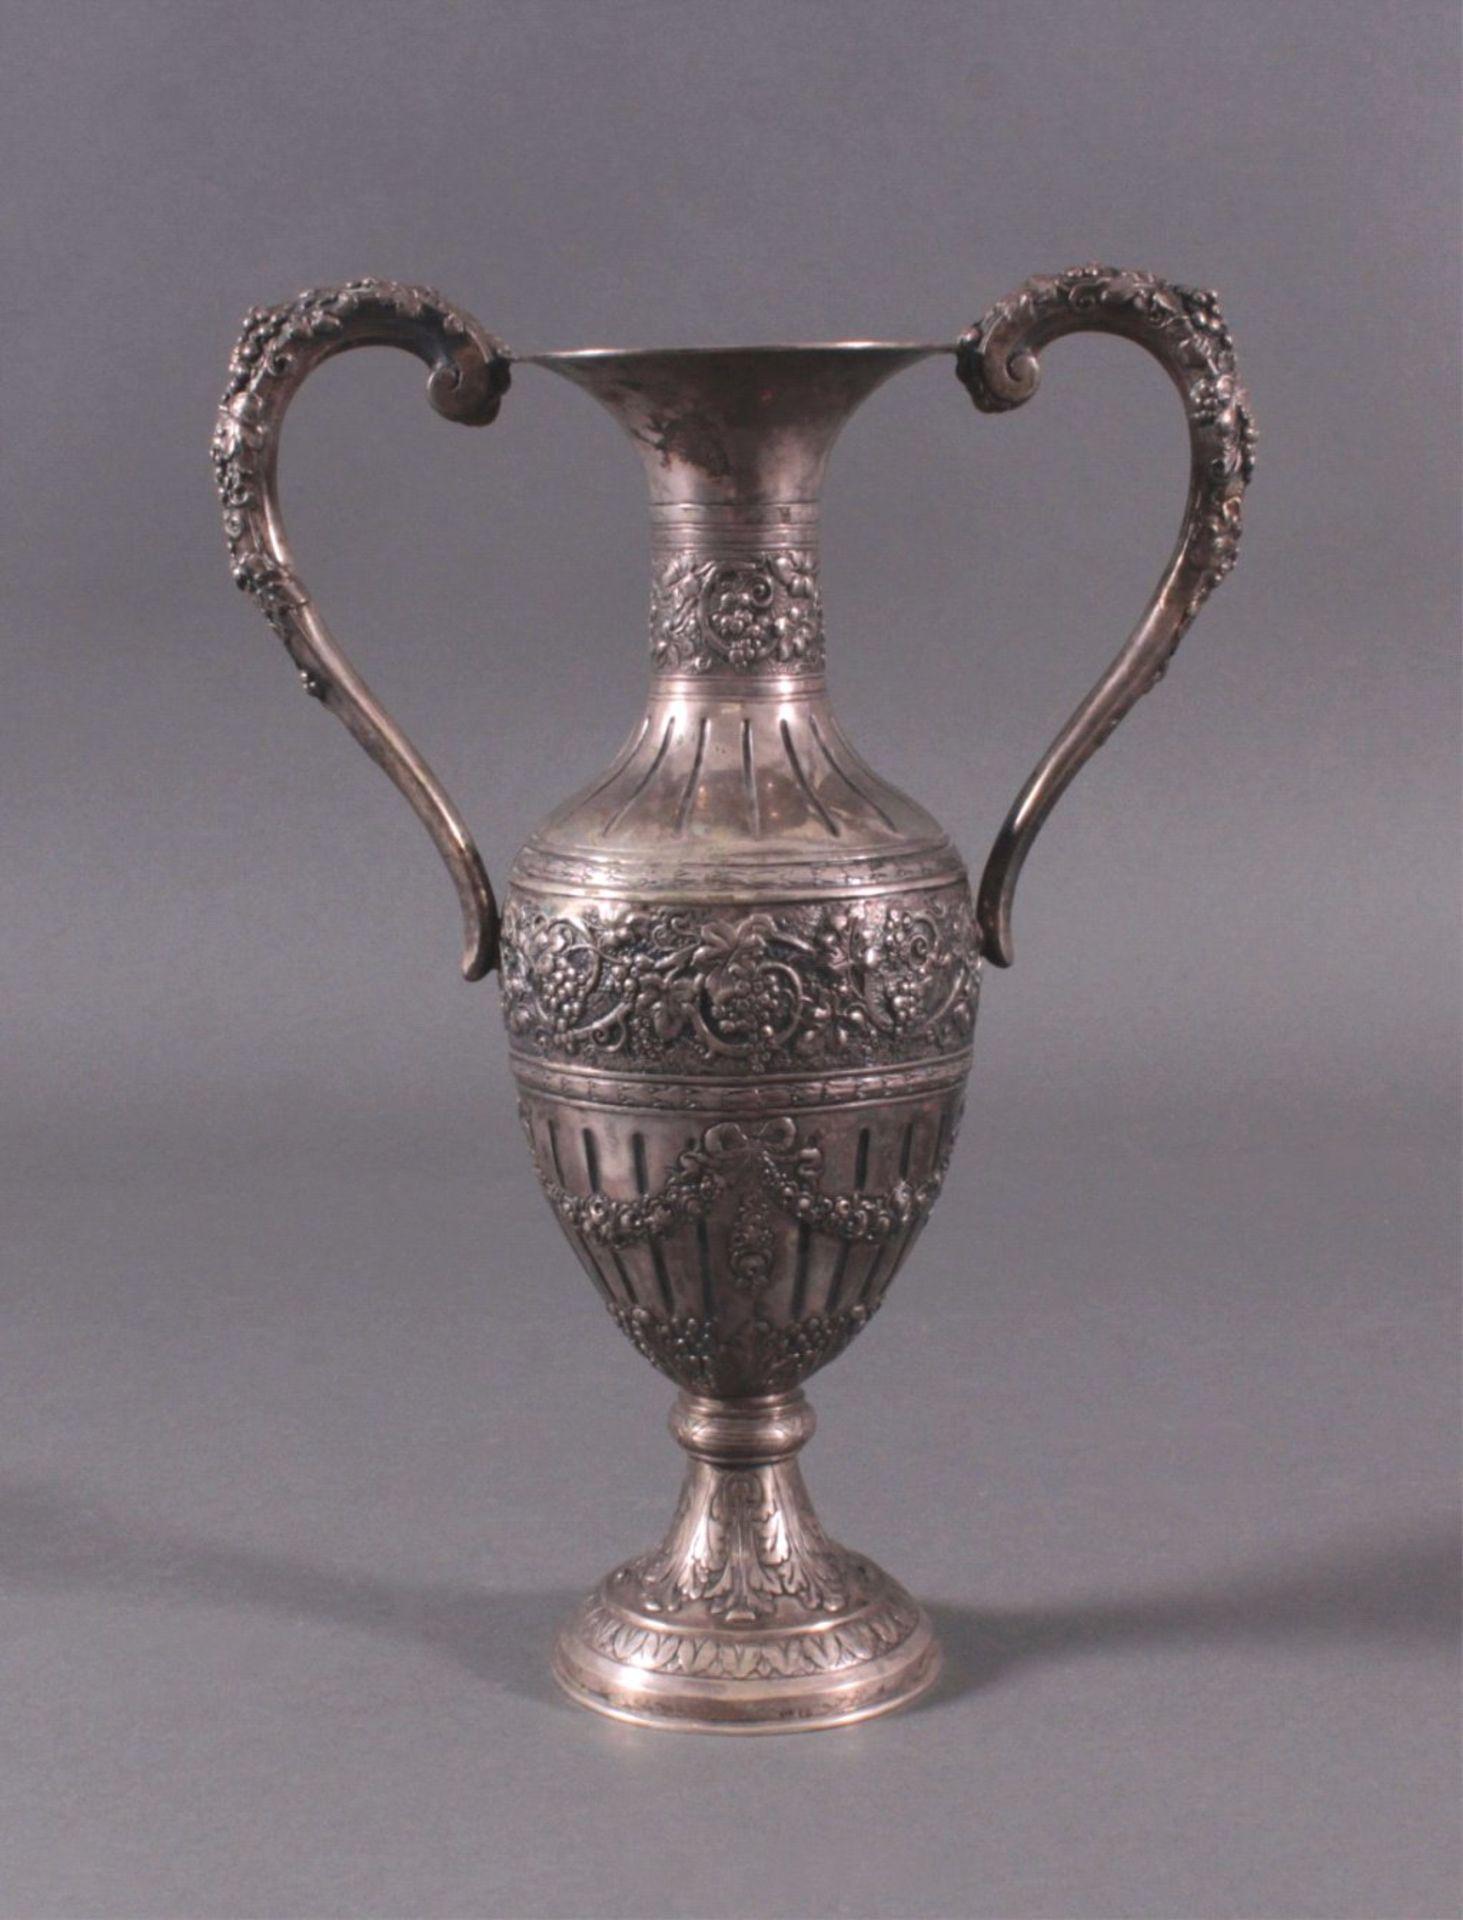 Amphorenvase, um 1900800er Silber, Sichel und Krone. Balusterförmig, Silbergetrieben, mit reichem